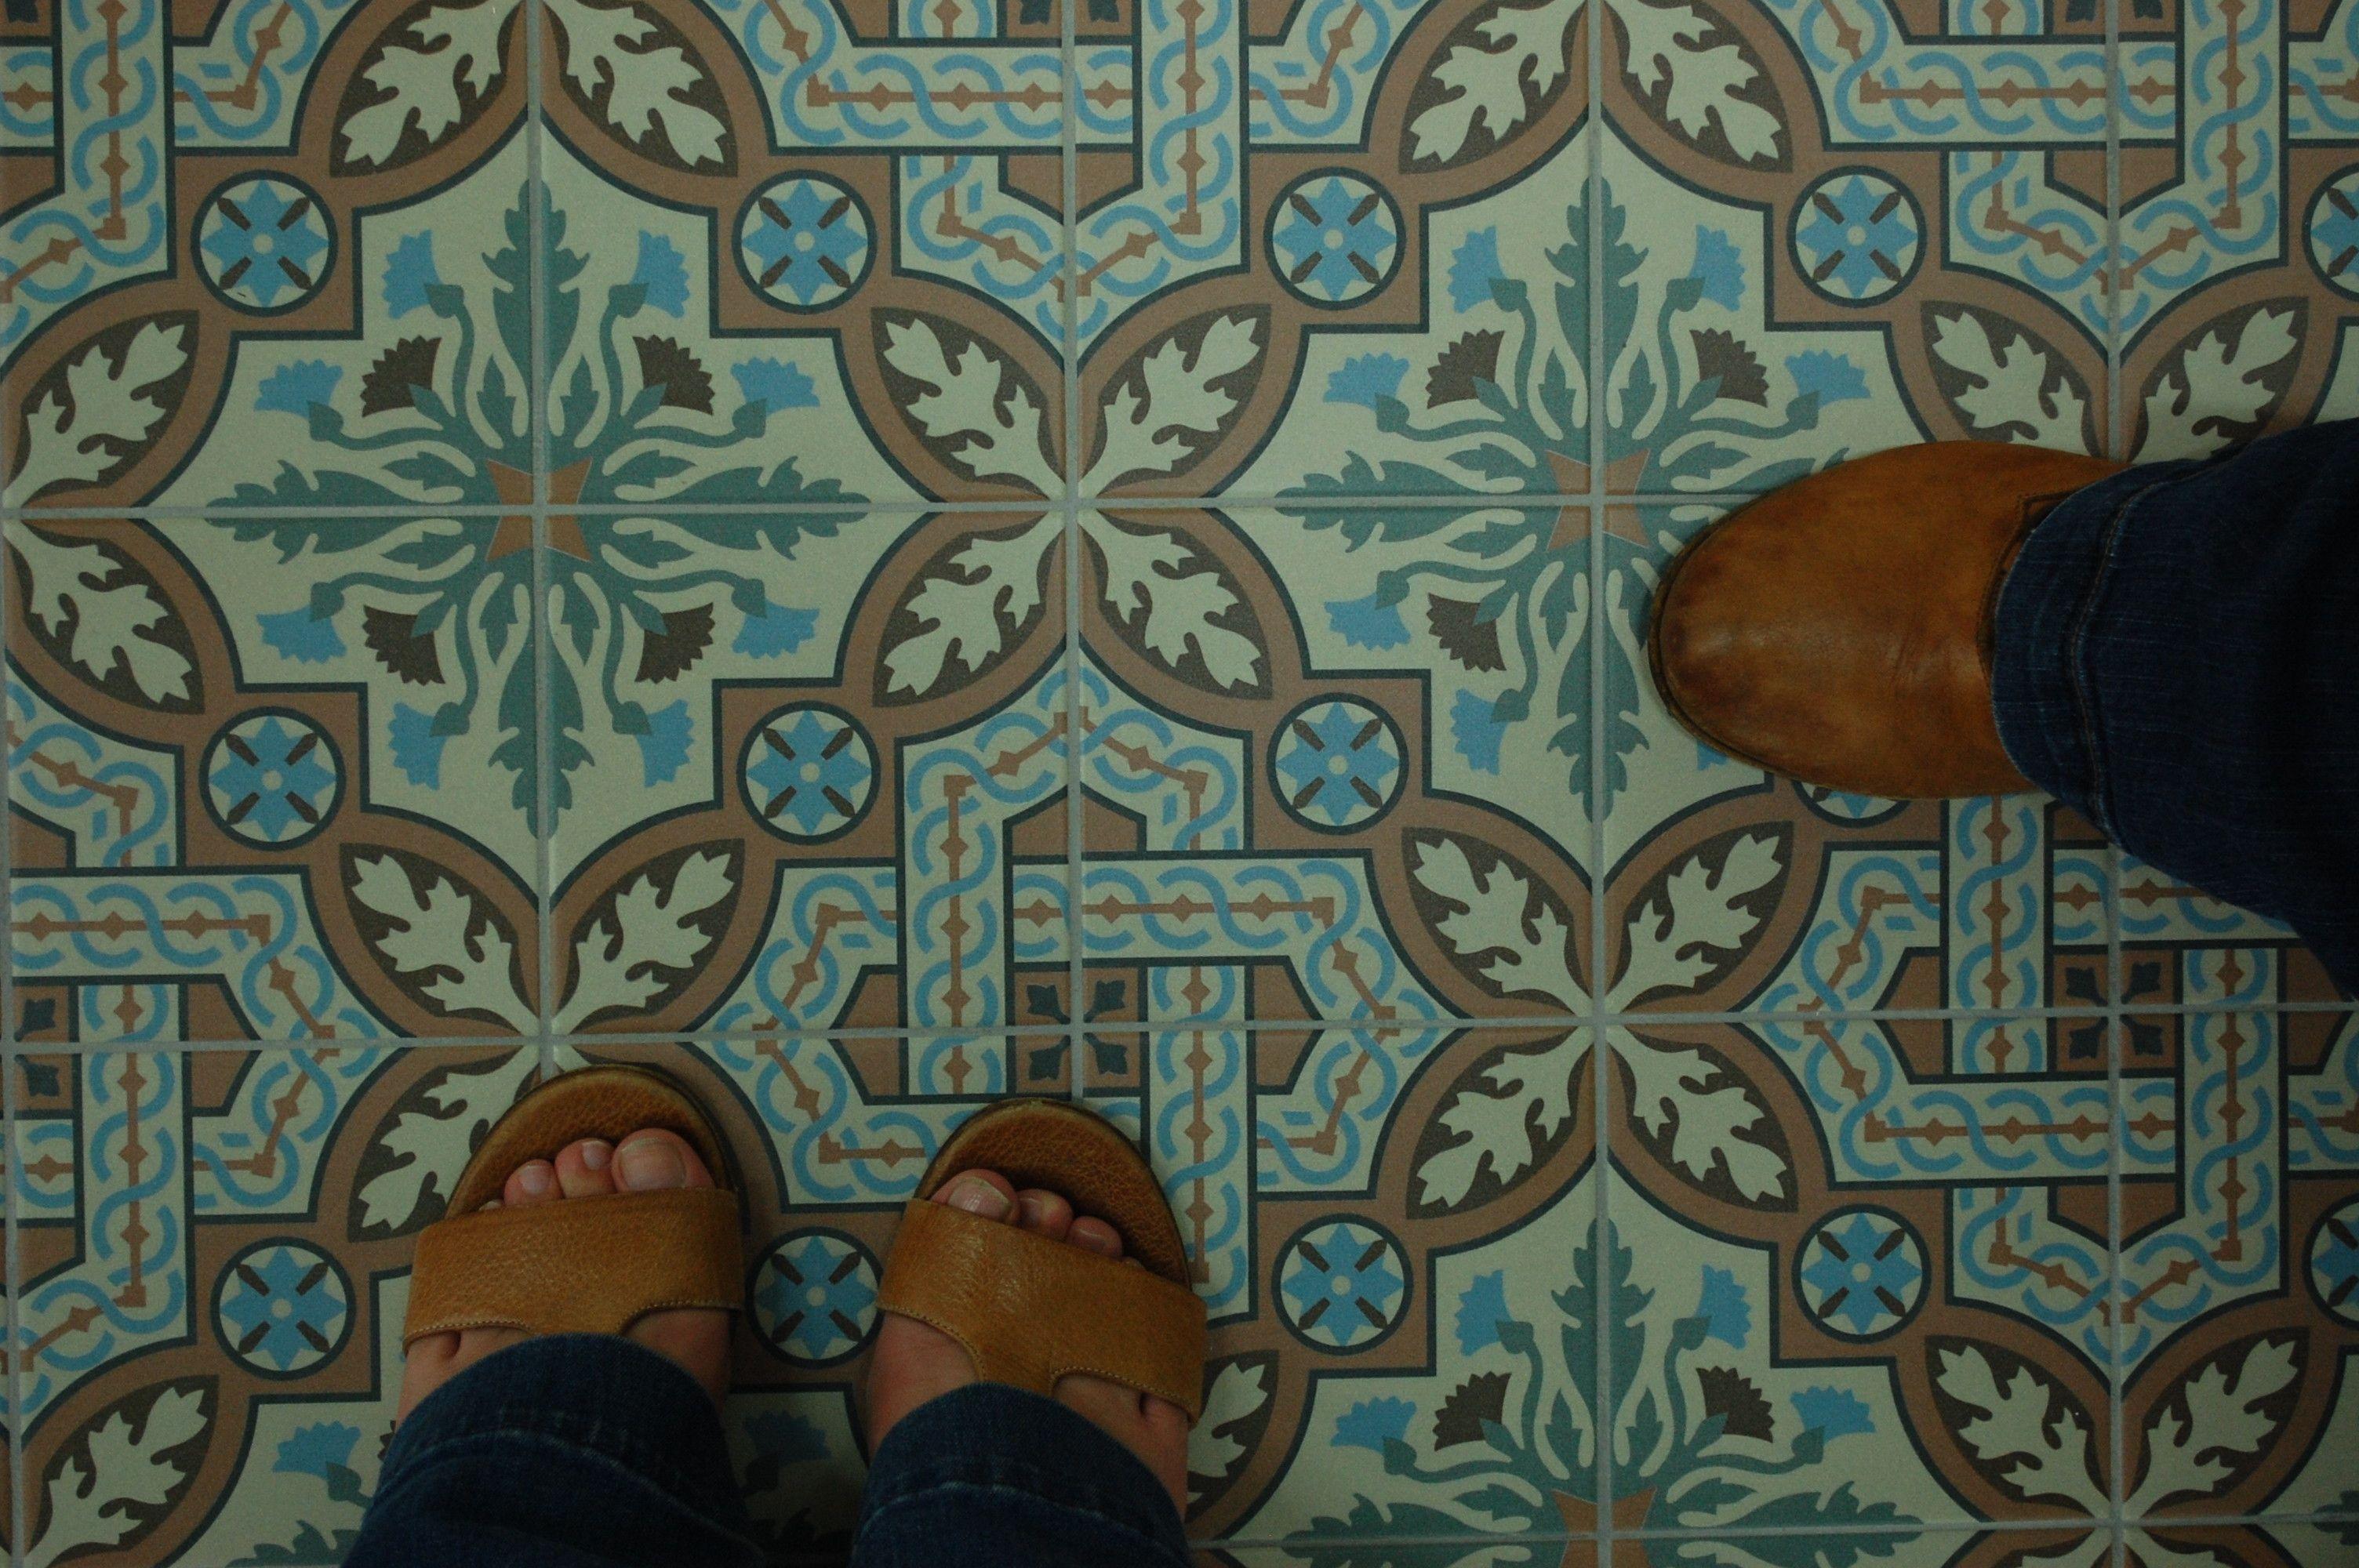 hiba tile collection bel air 15x15 tiles from revoir paris